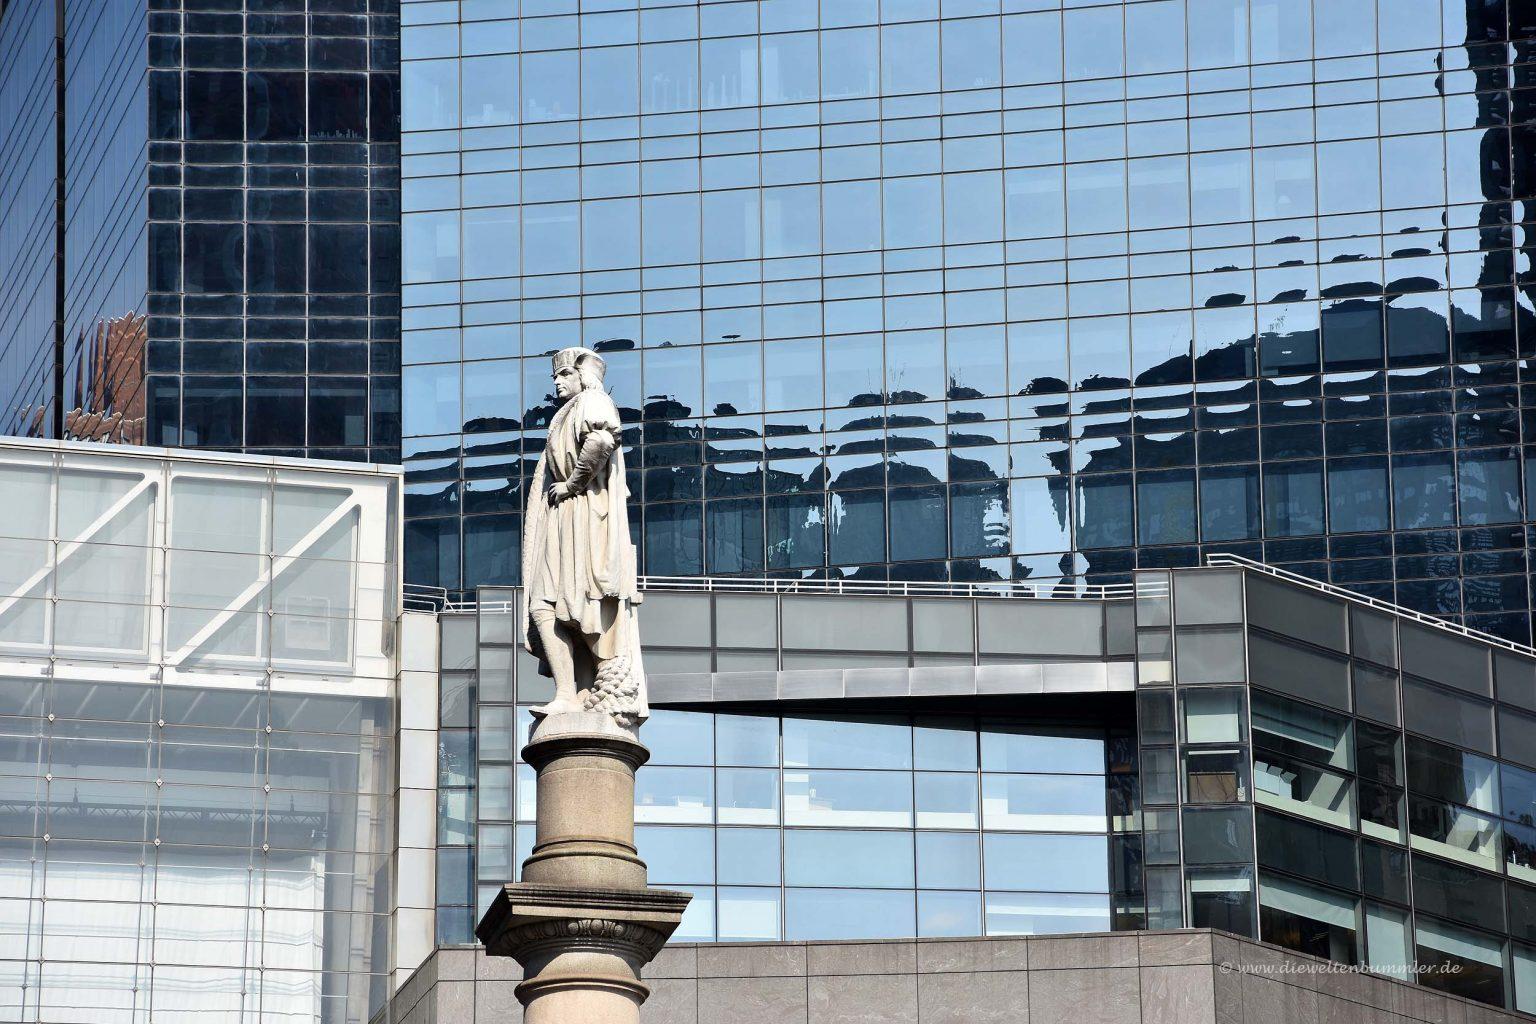 Der Columbus Circle befindet sich an der südwestlichen Ecke